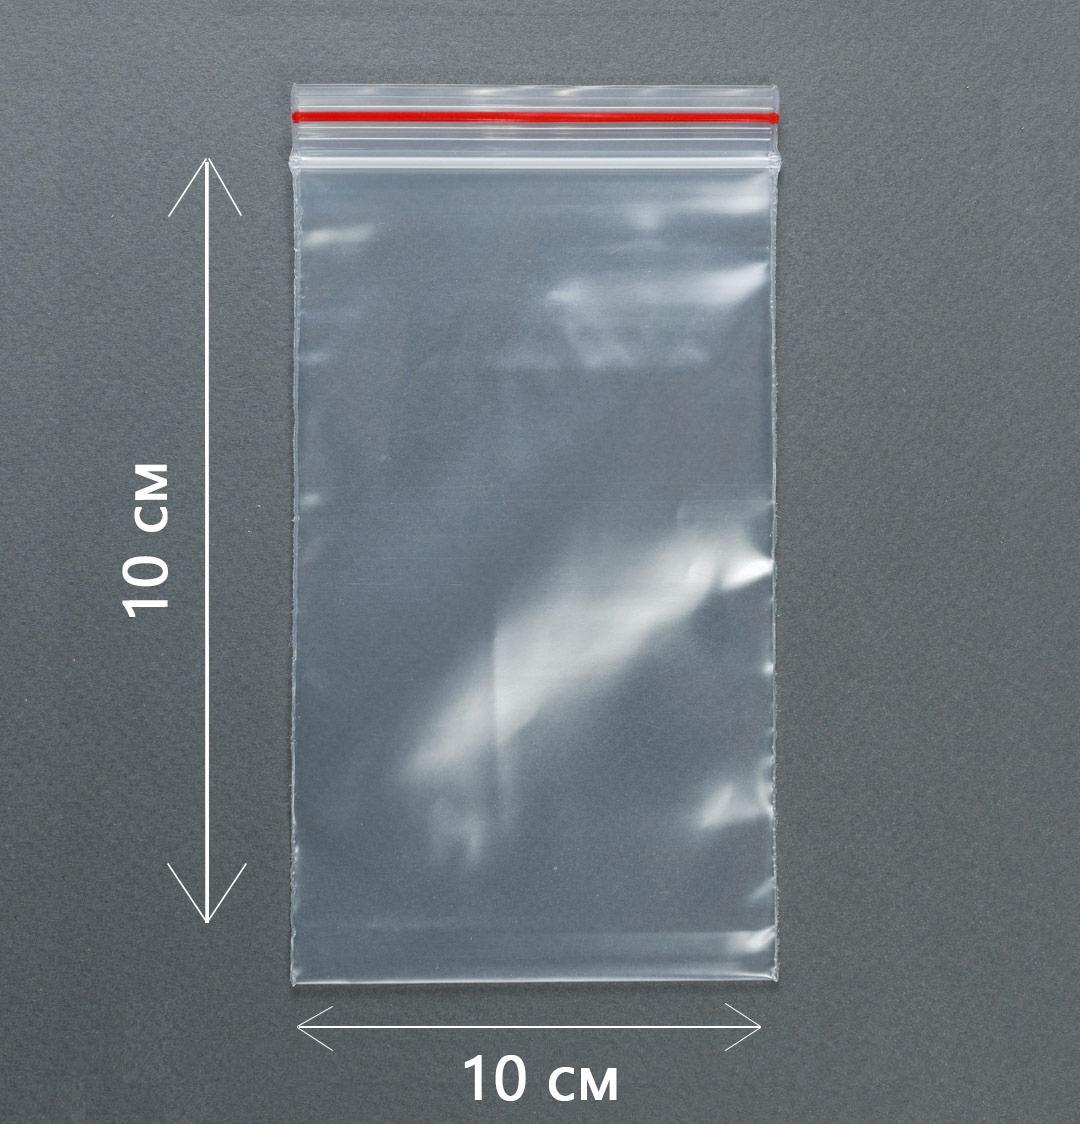 10x10 cm